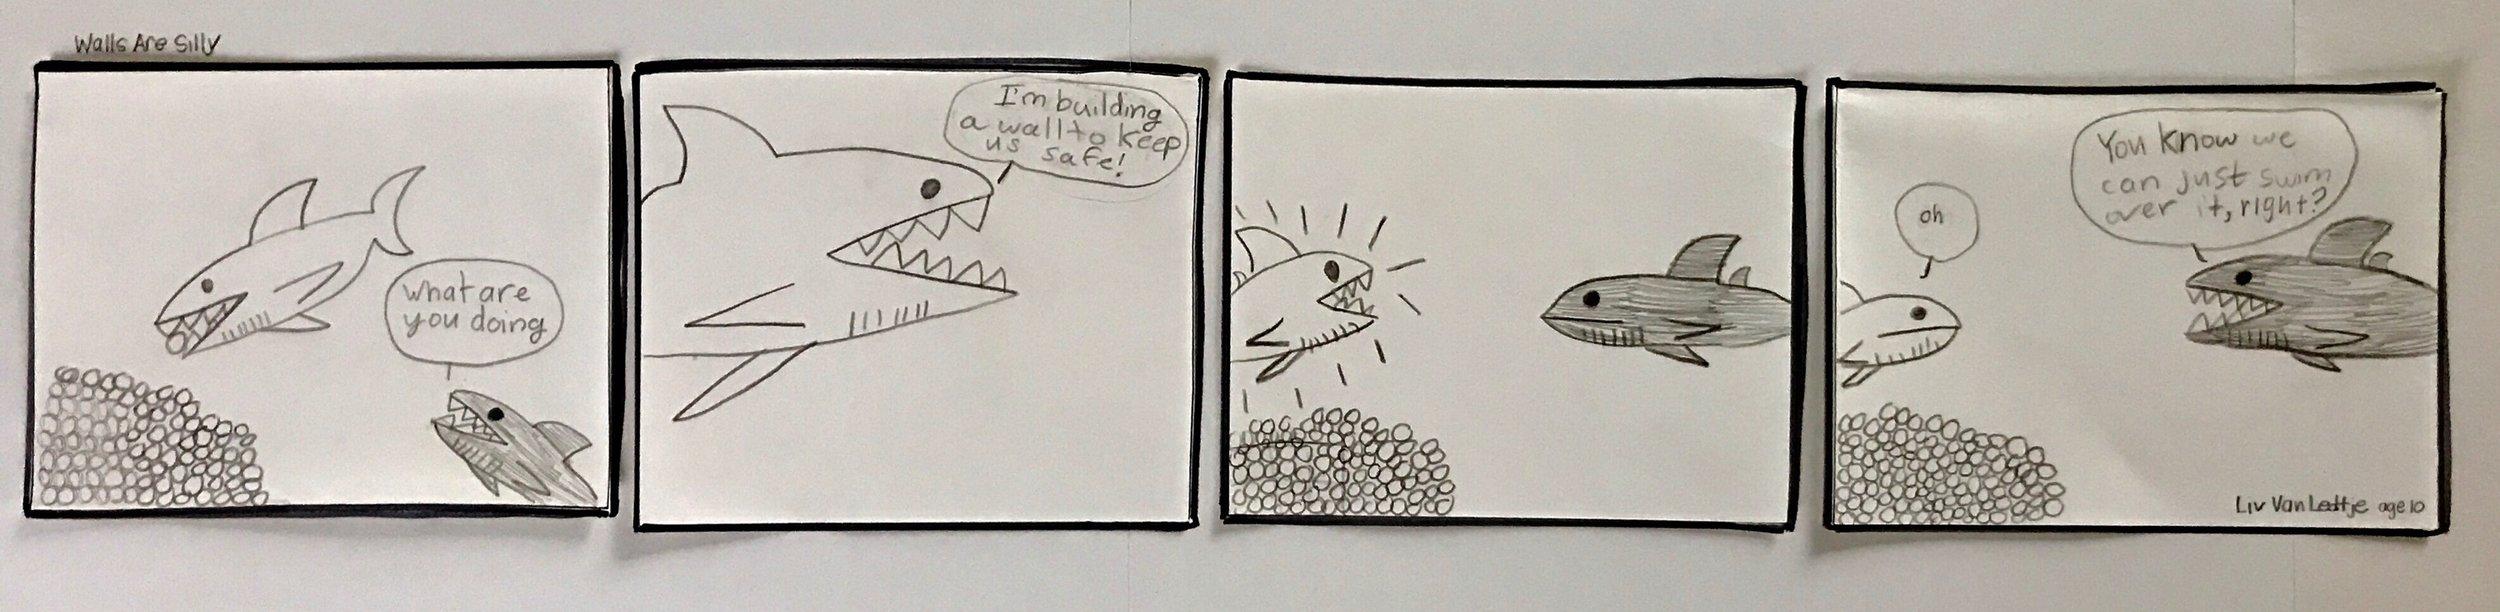 sample comic by Olivia Van Ledtje!